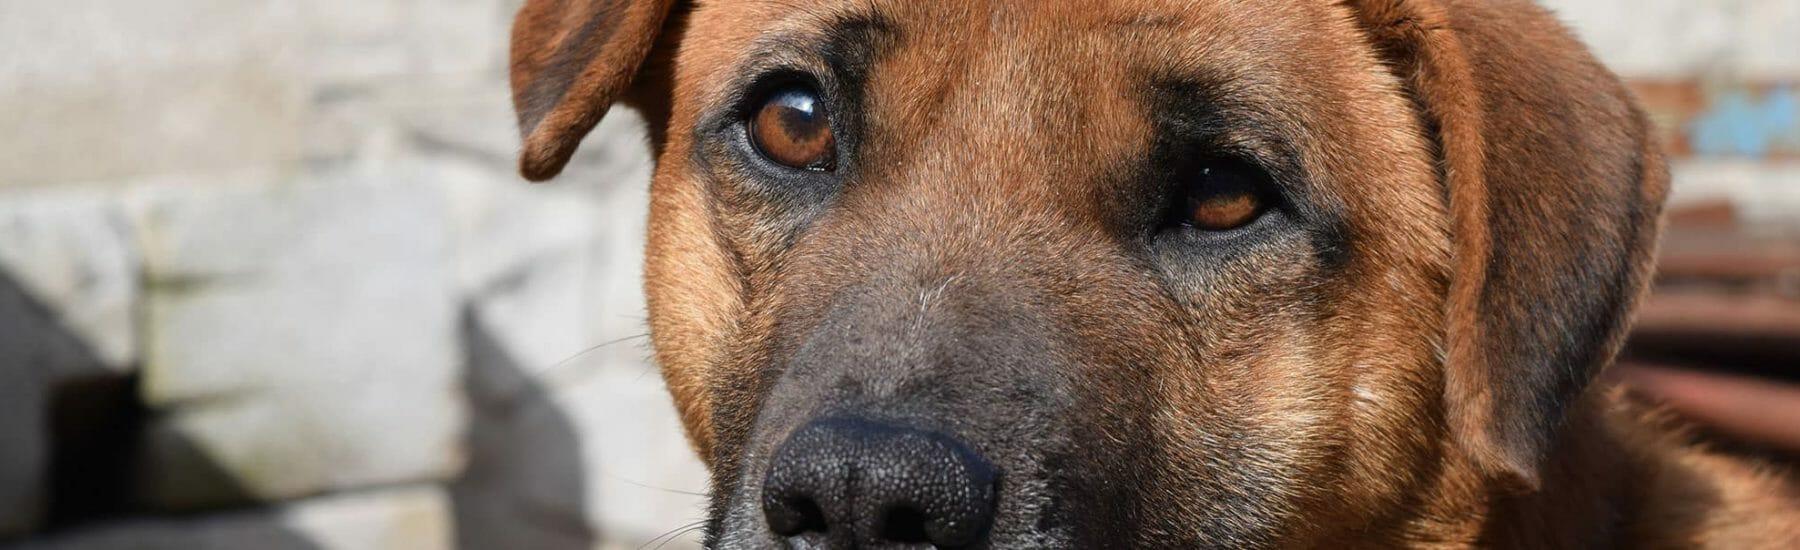 Closeup of brown dog looking towards camera